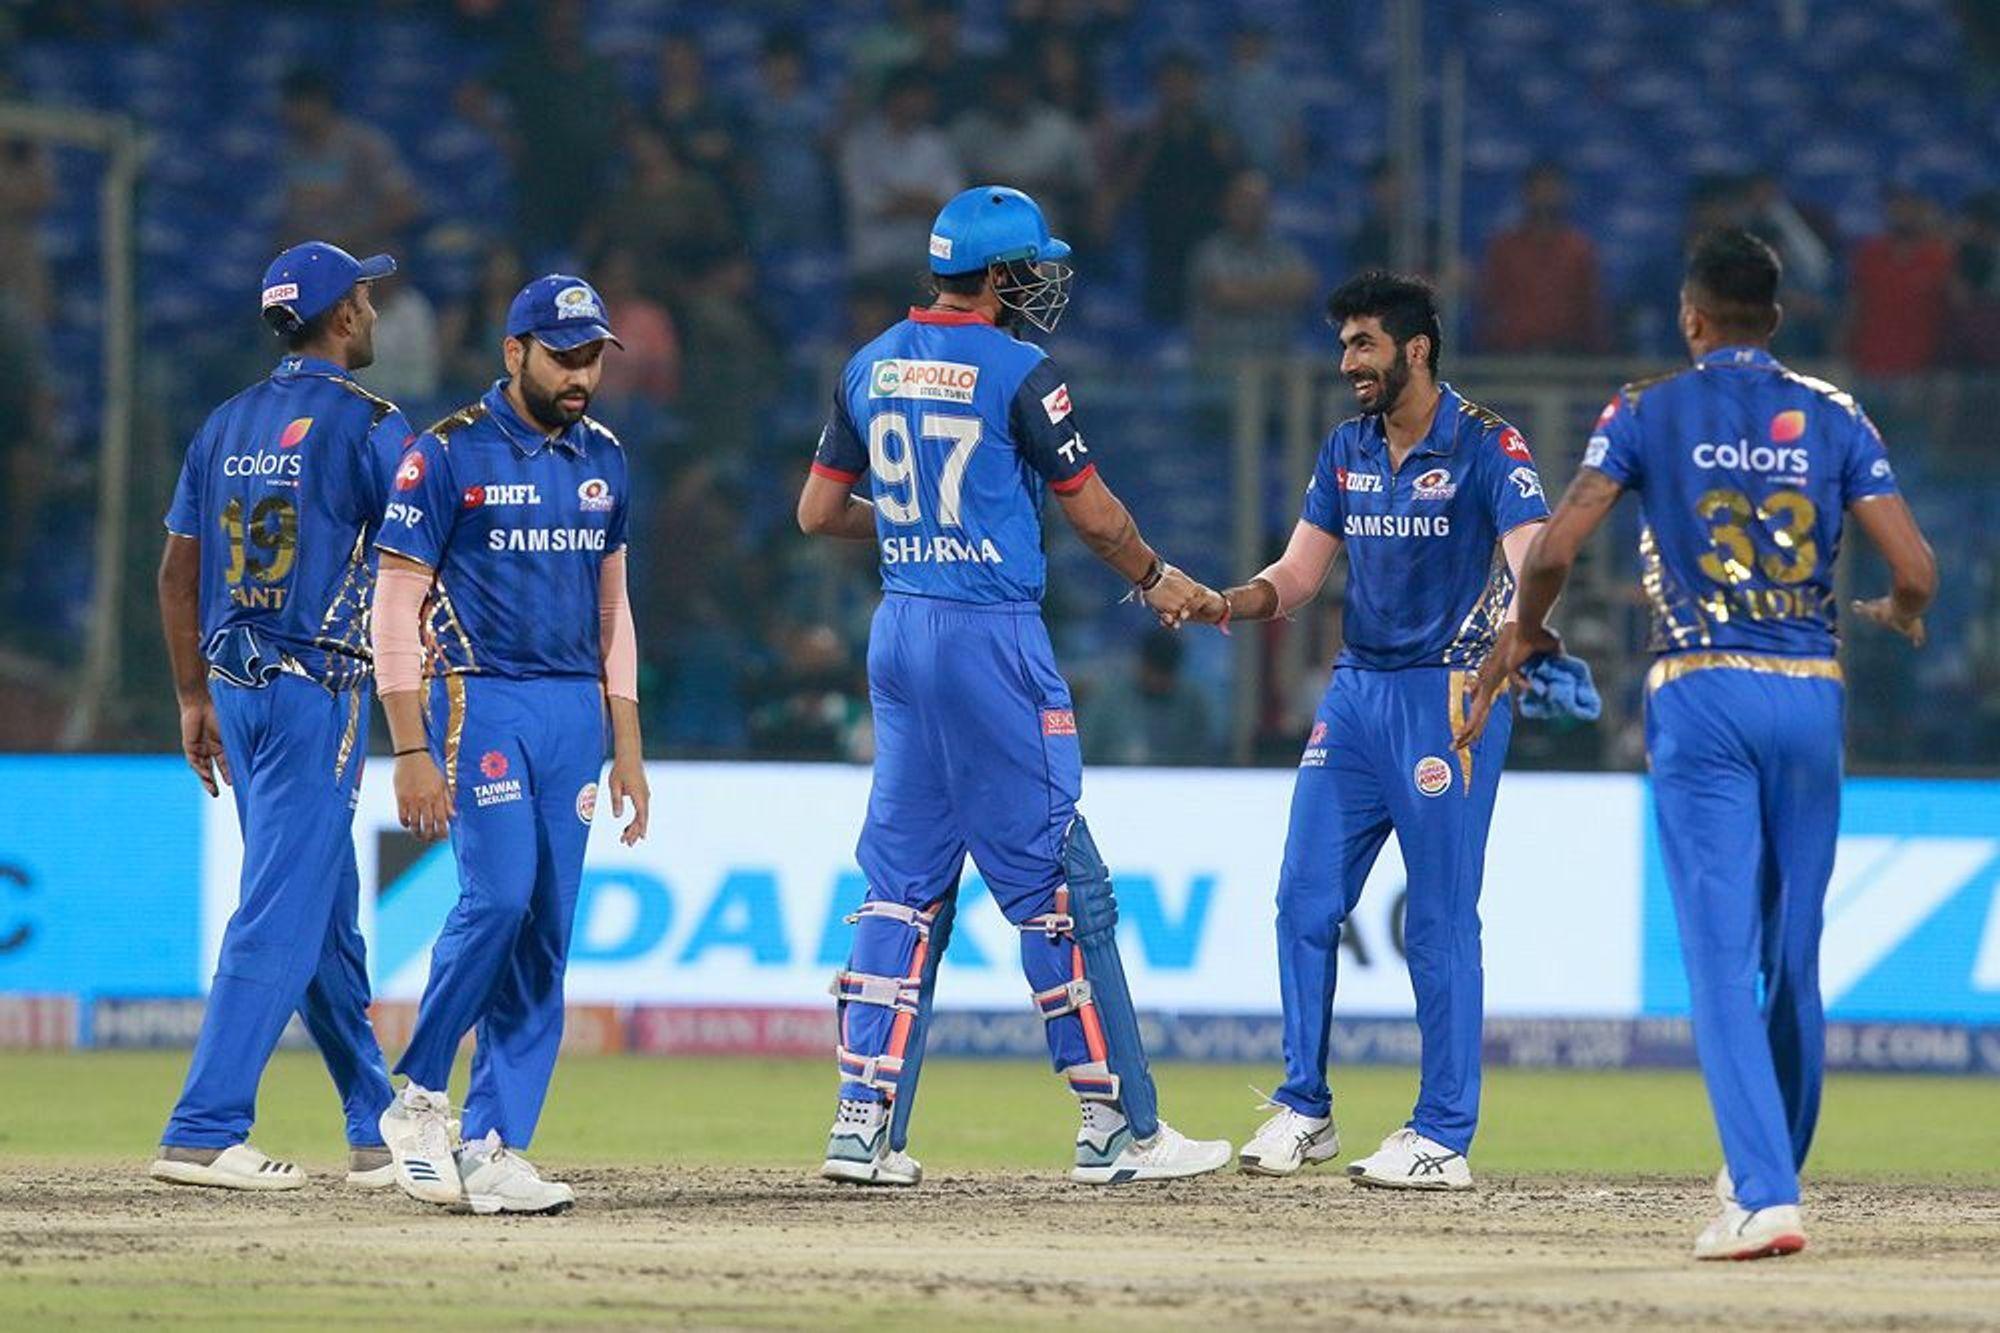 आईपीएल 2019: 34वें मैच के बाद पॉइंट्स टेबल, ऑरेंज कैप और पर्पल कैप की स्थिति 12